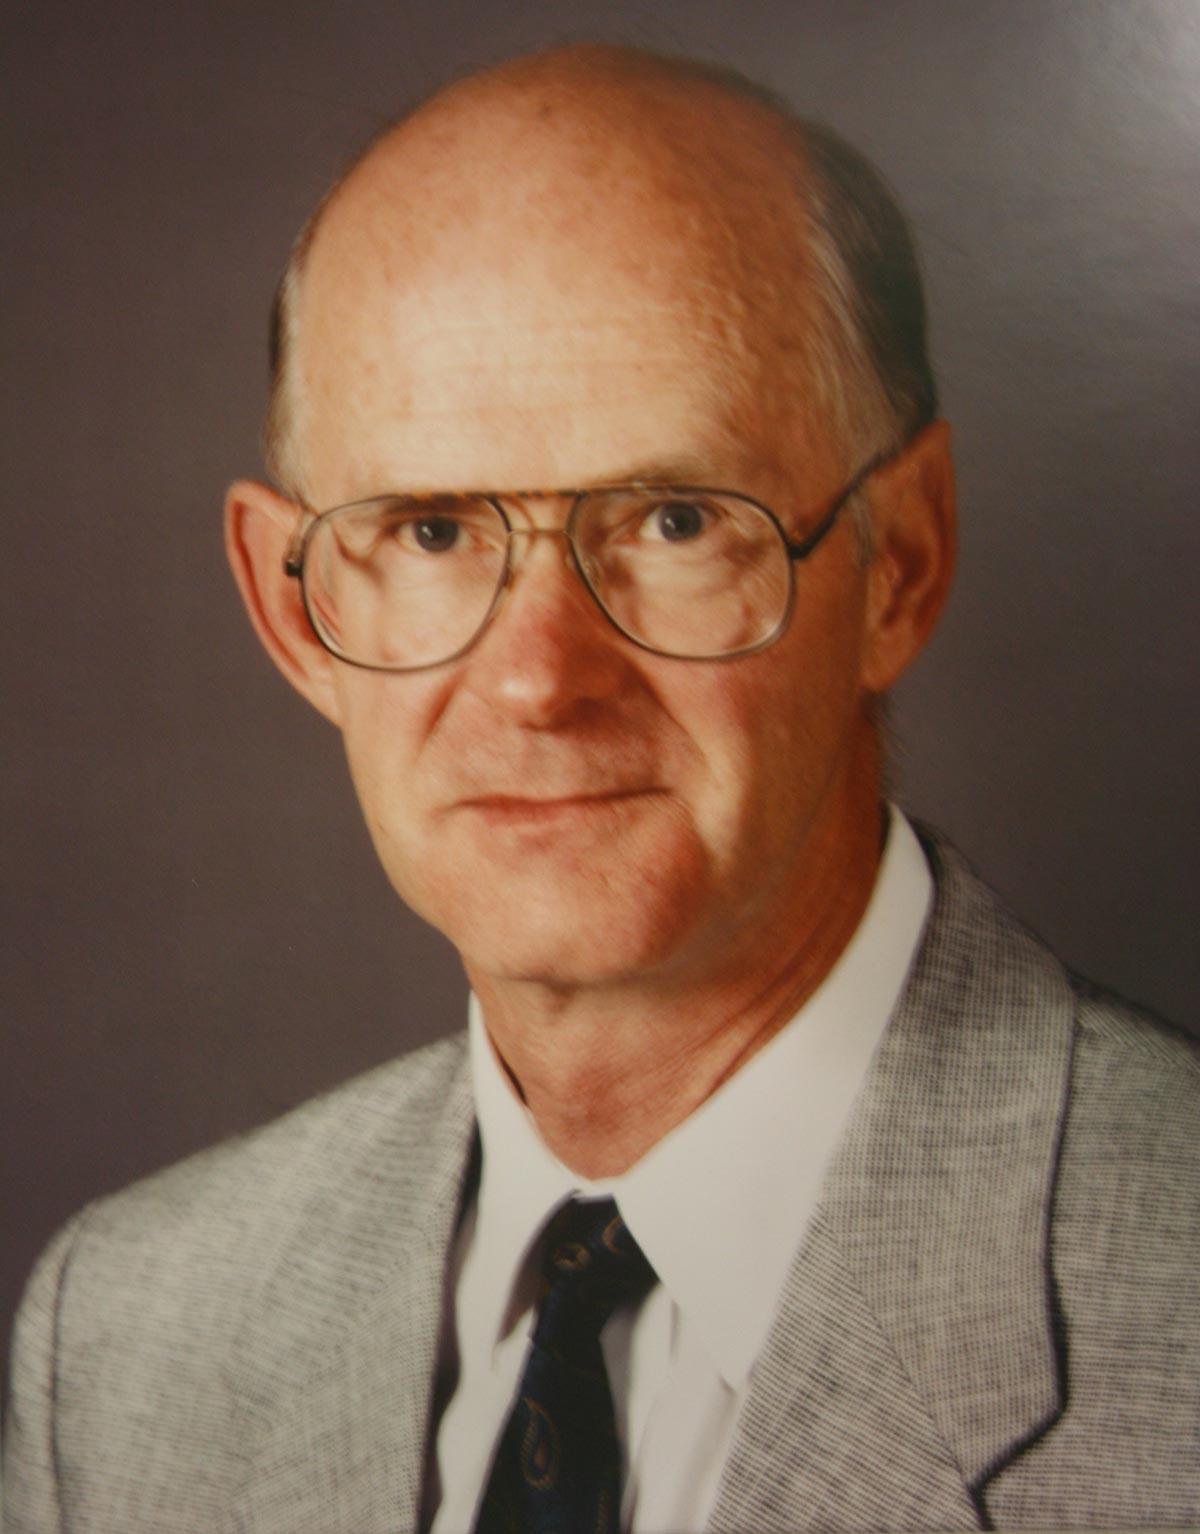 W. John Macdonald